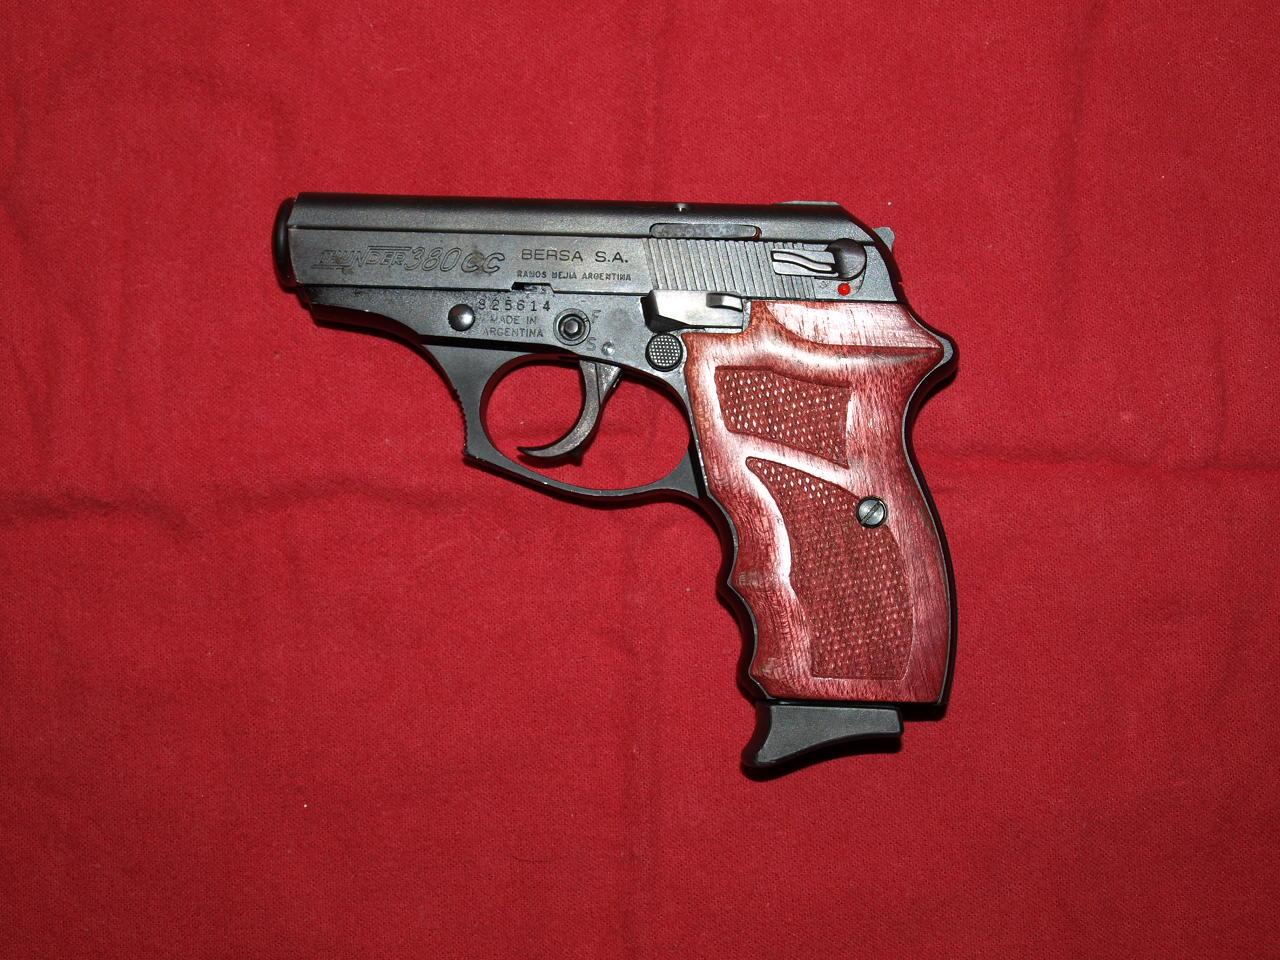 Just bought a Bersa-guns-027.jpg